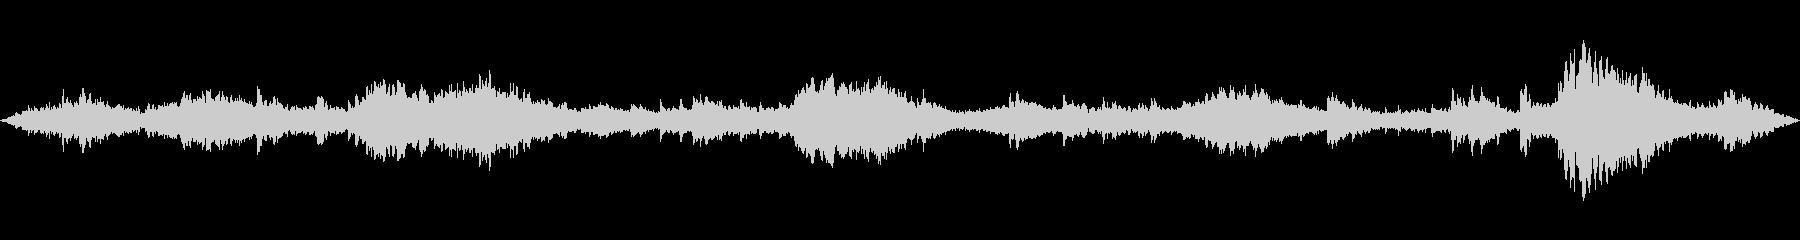 ピアノフォルテの雰囲気の未再生の波形